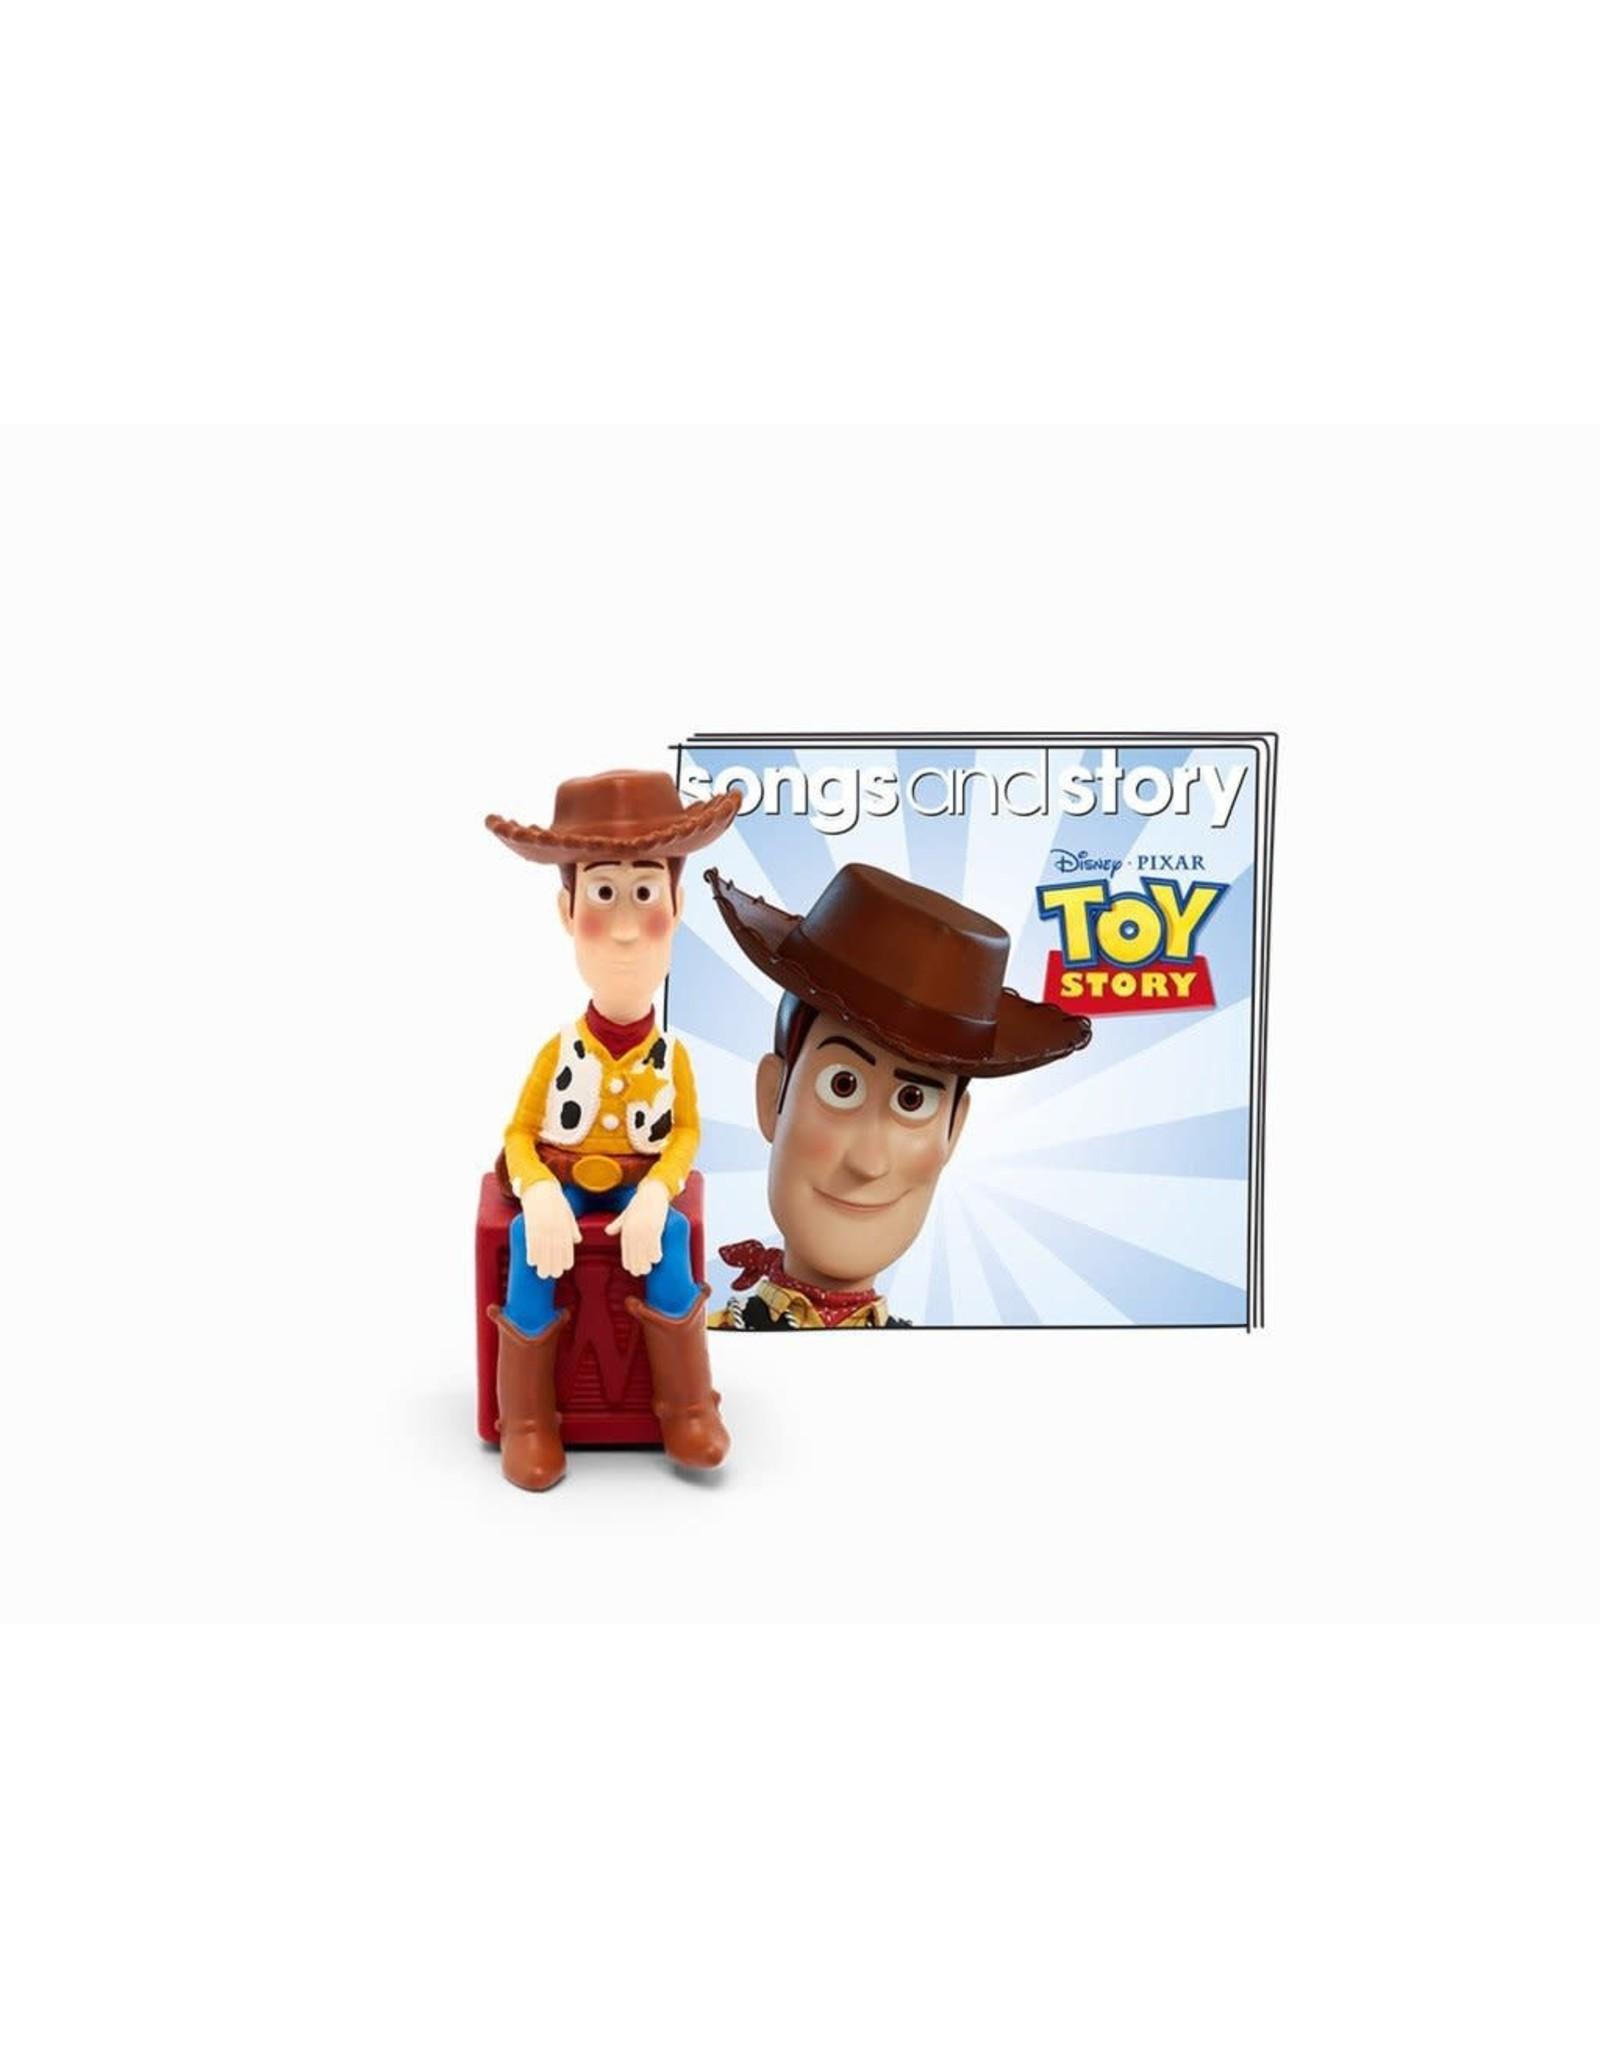 Tonies Toy Story Tonie